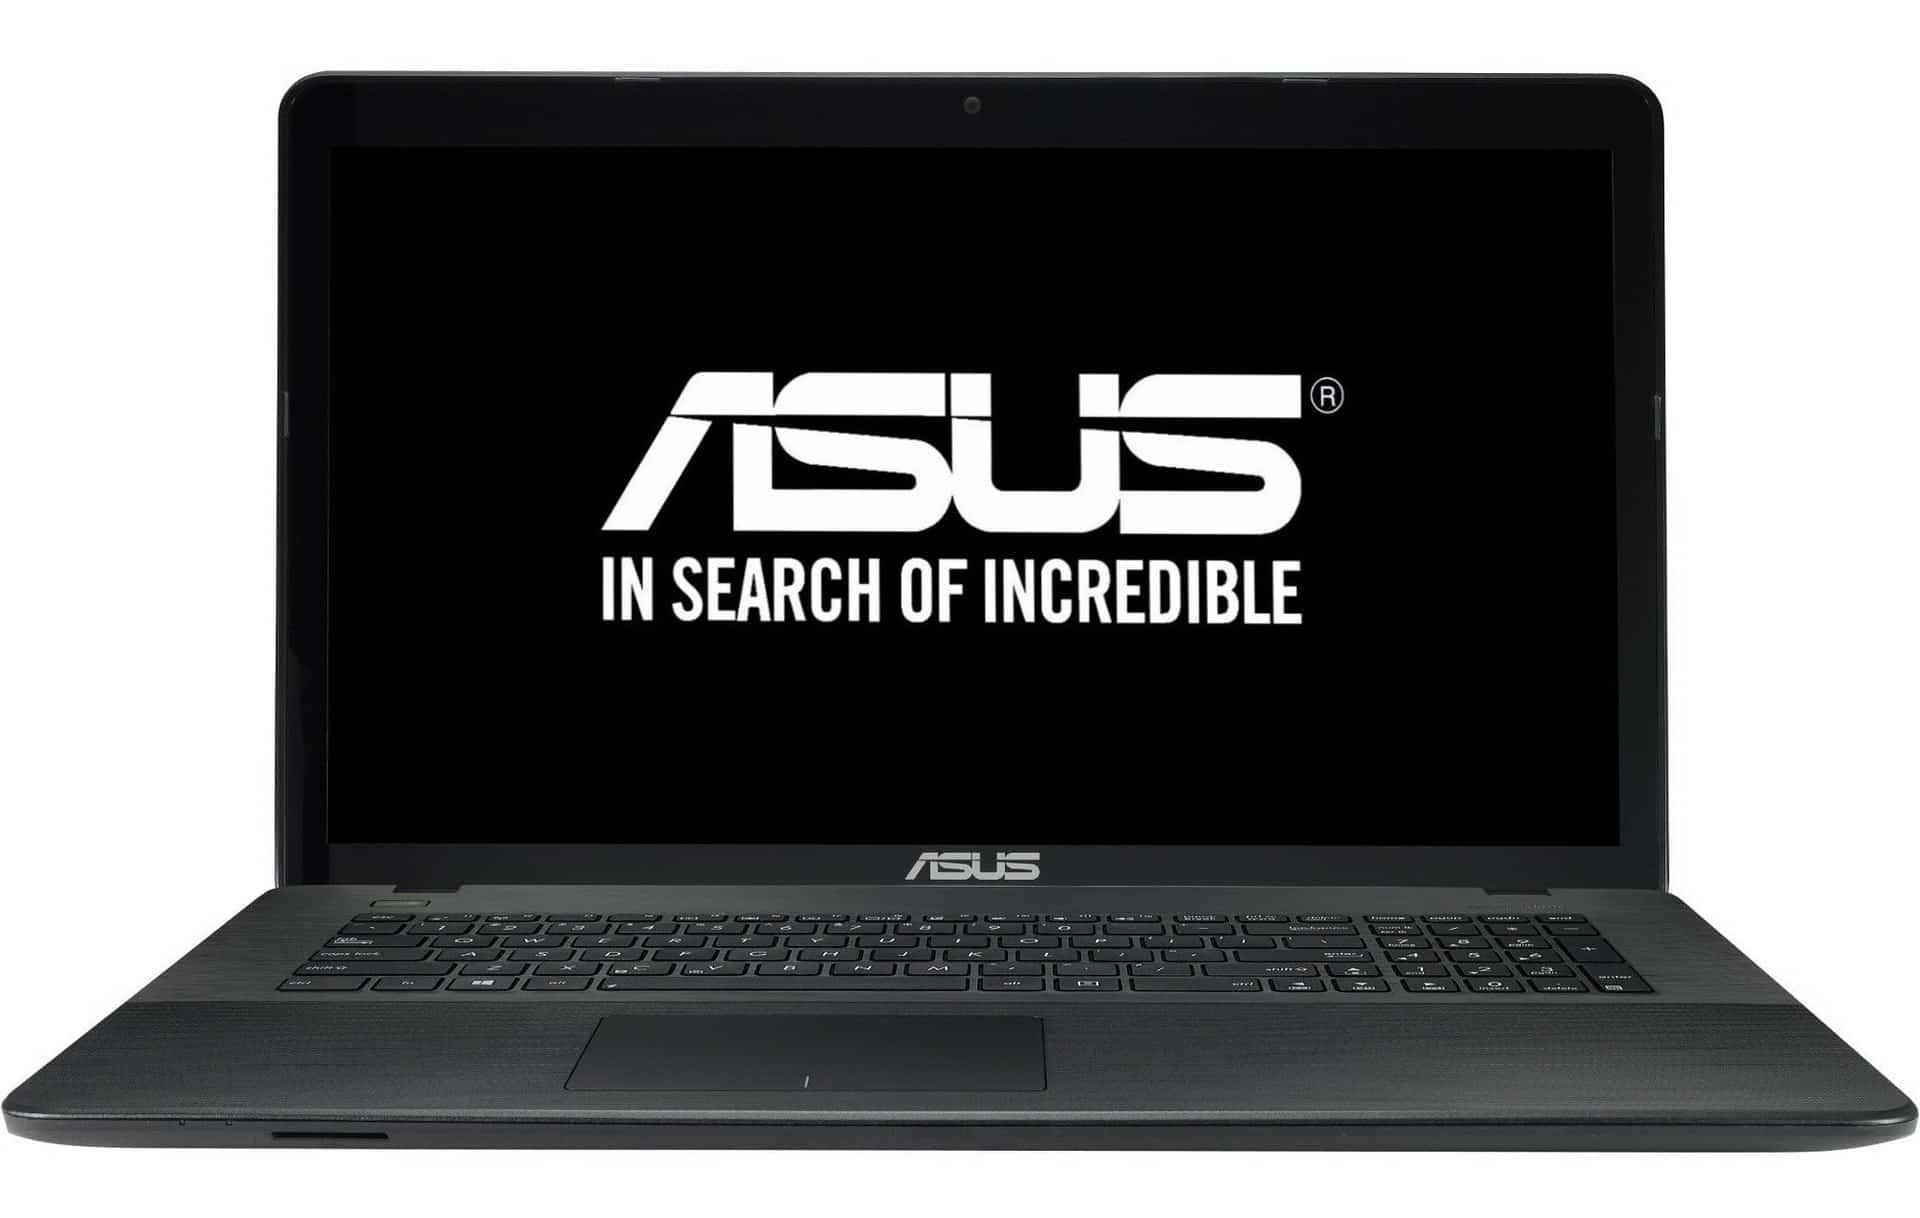 Asus X751LB-TY149D